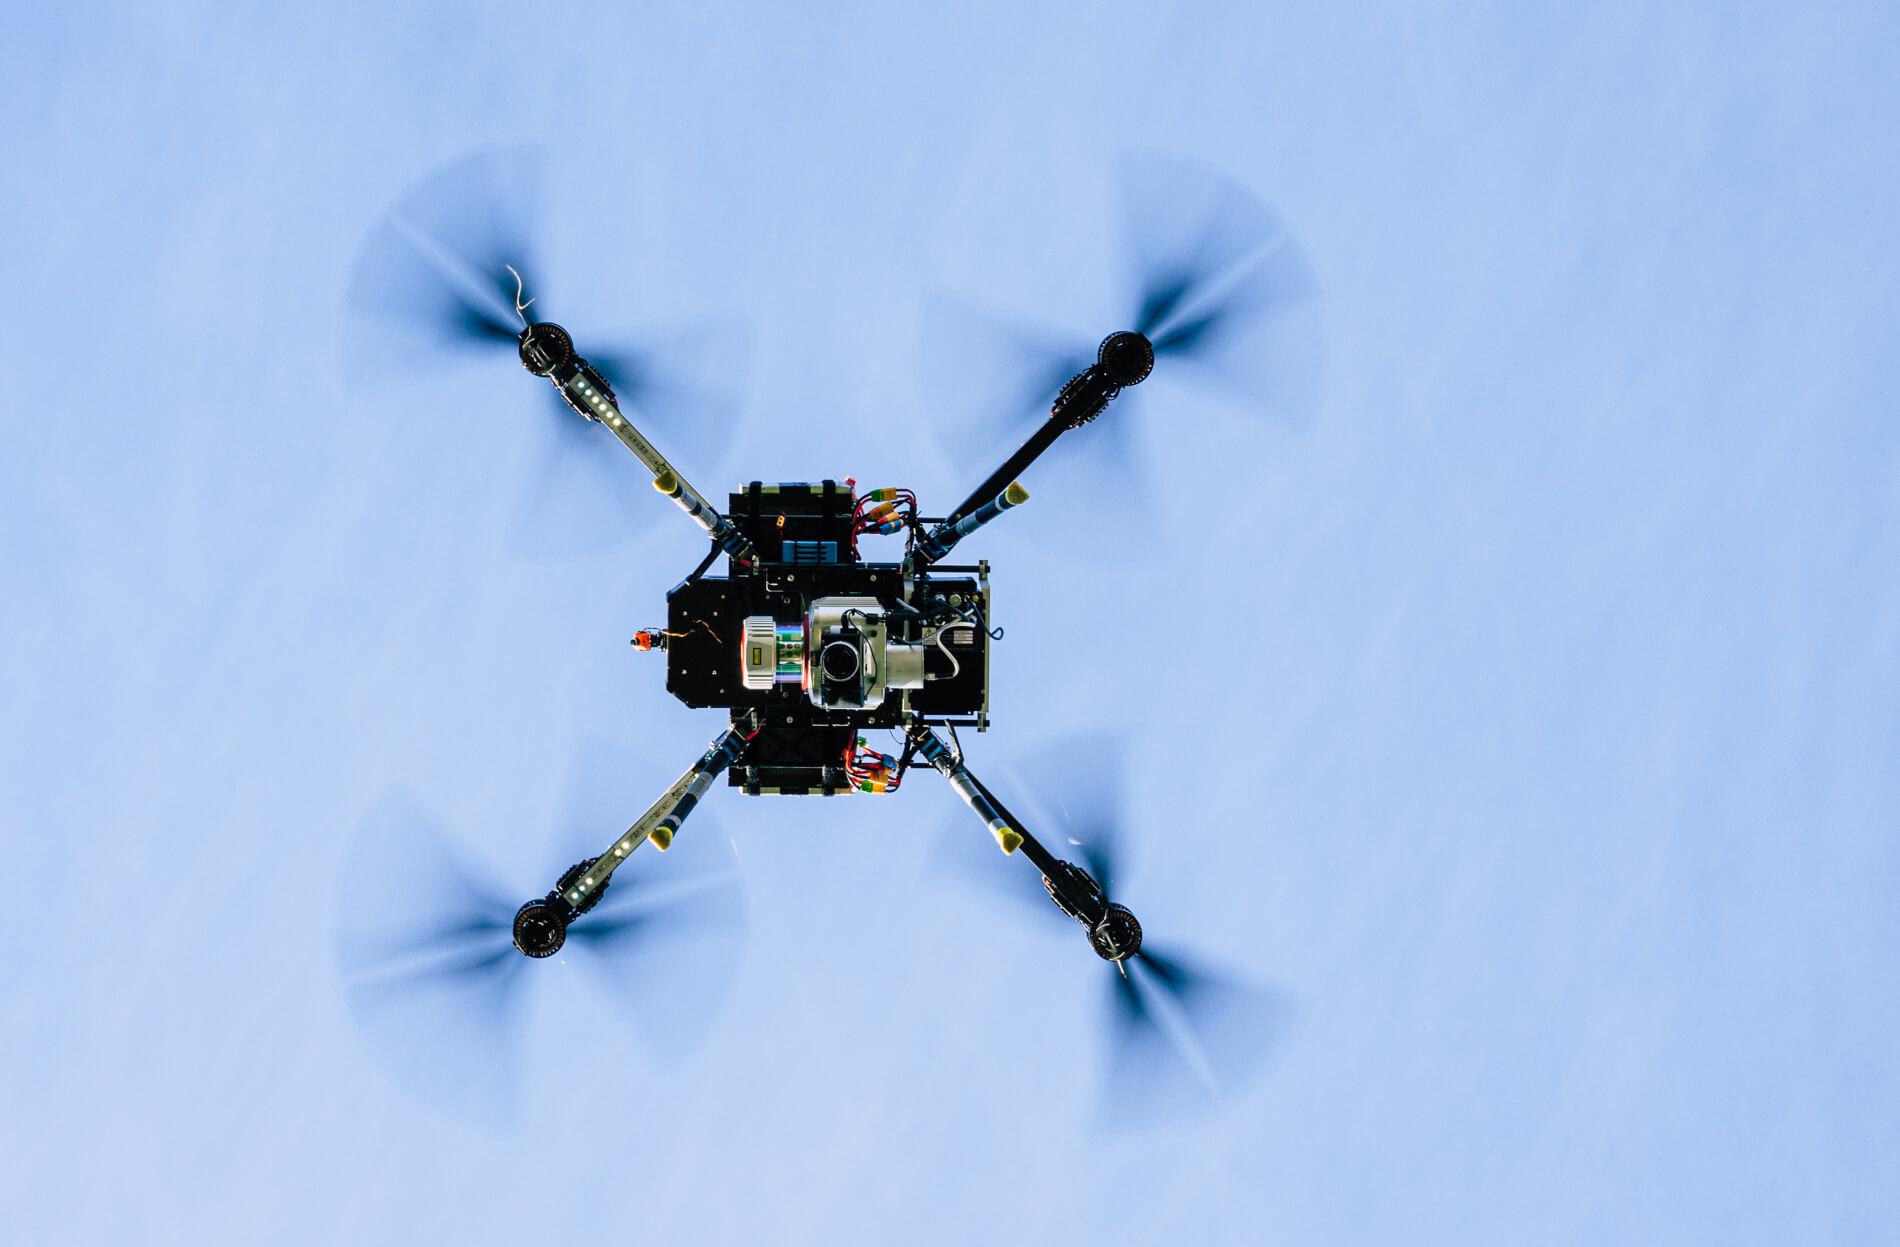 Logxon-laserscanner-uav-drone-lidar-drohne-vermessung-scanner-laser-oktokopter-survey-topshot-punktwolke